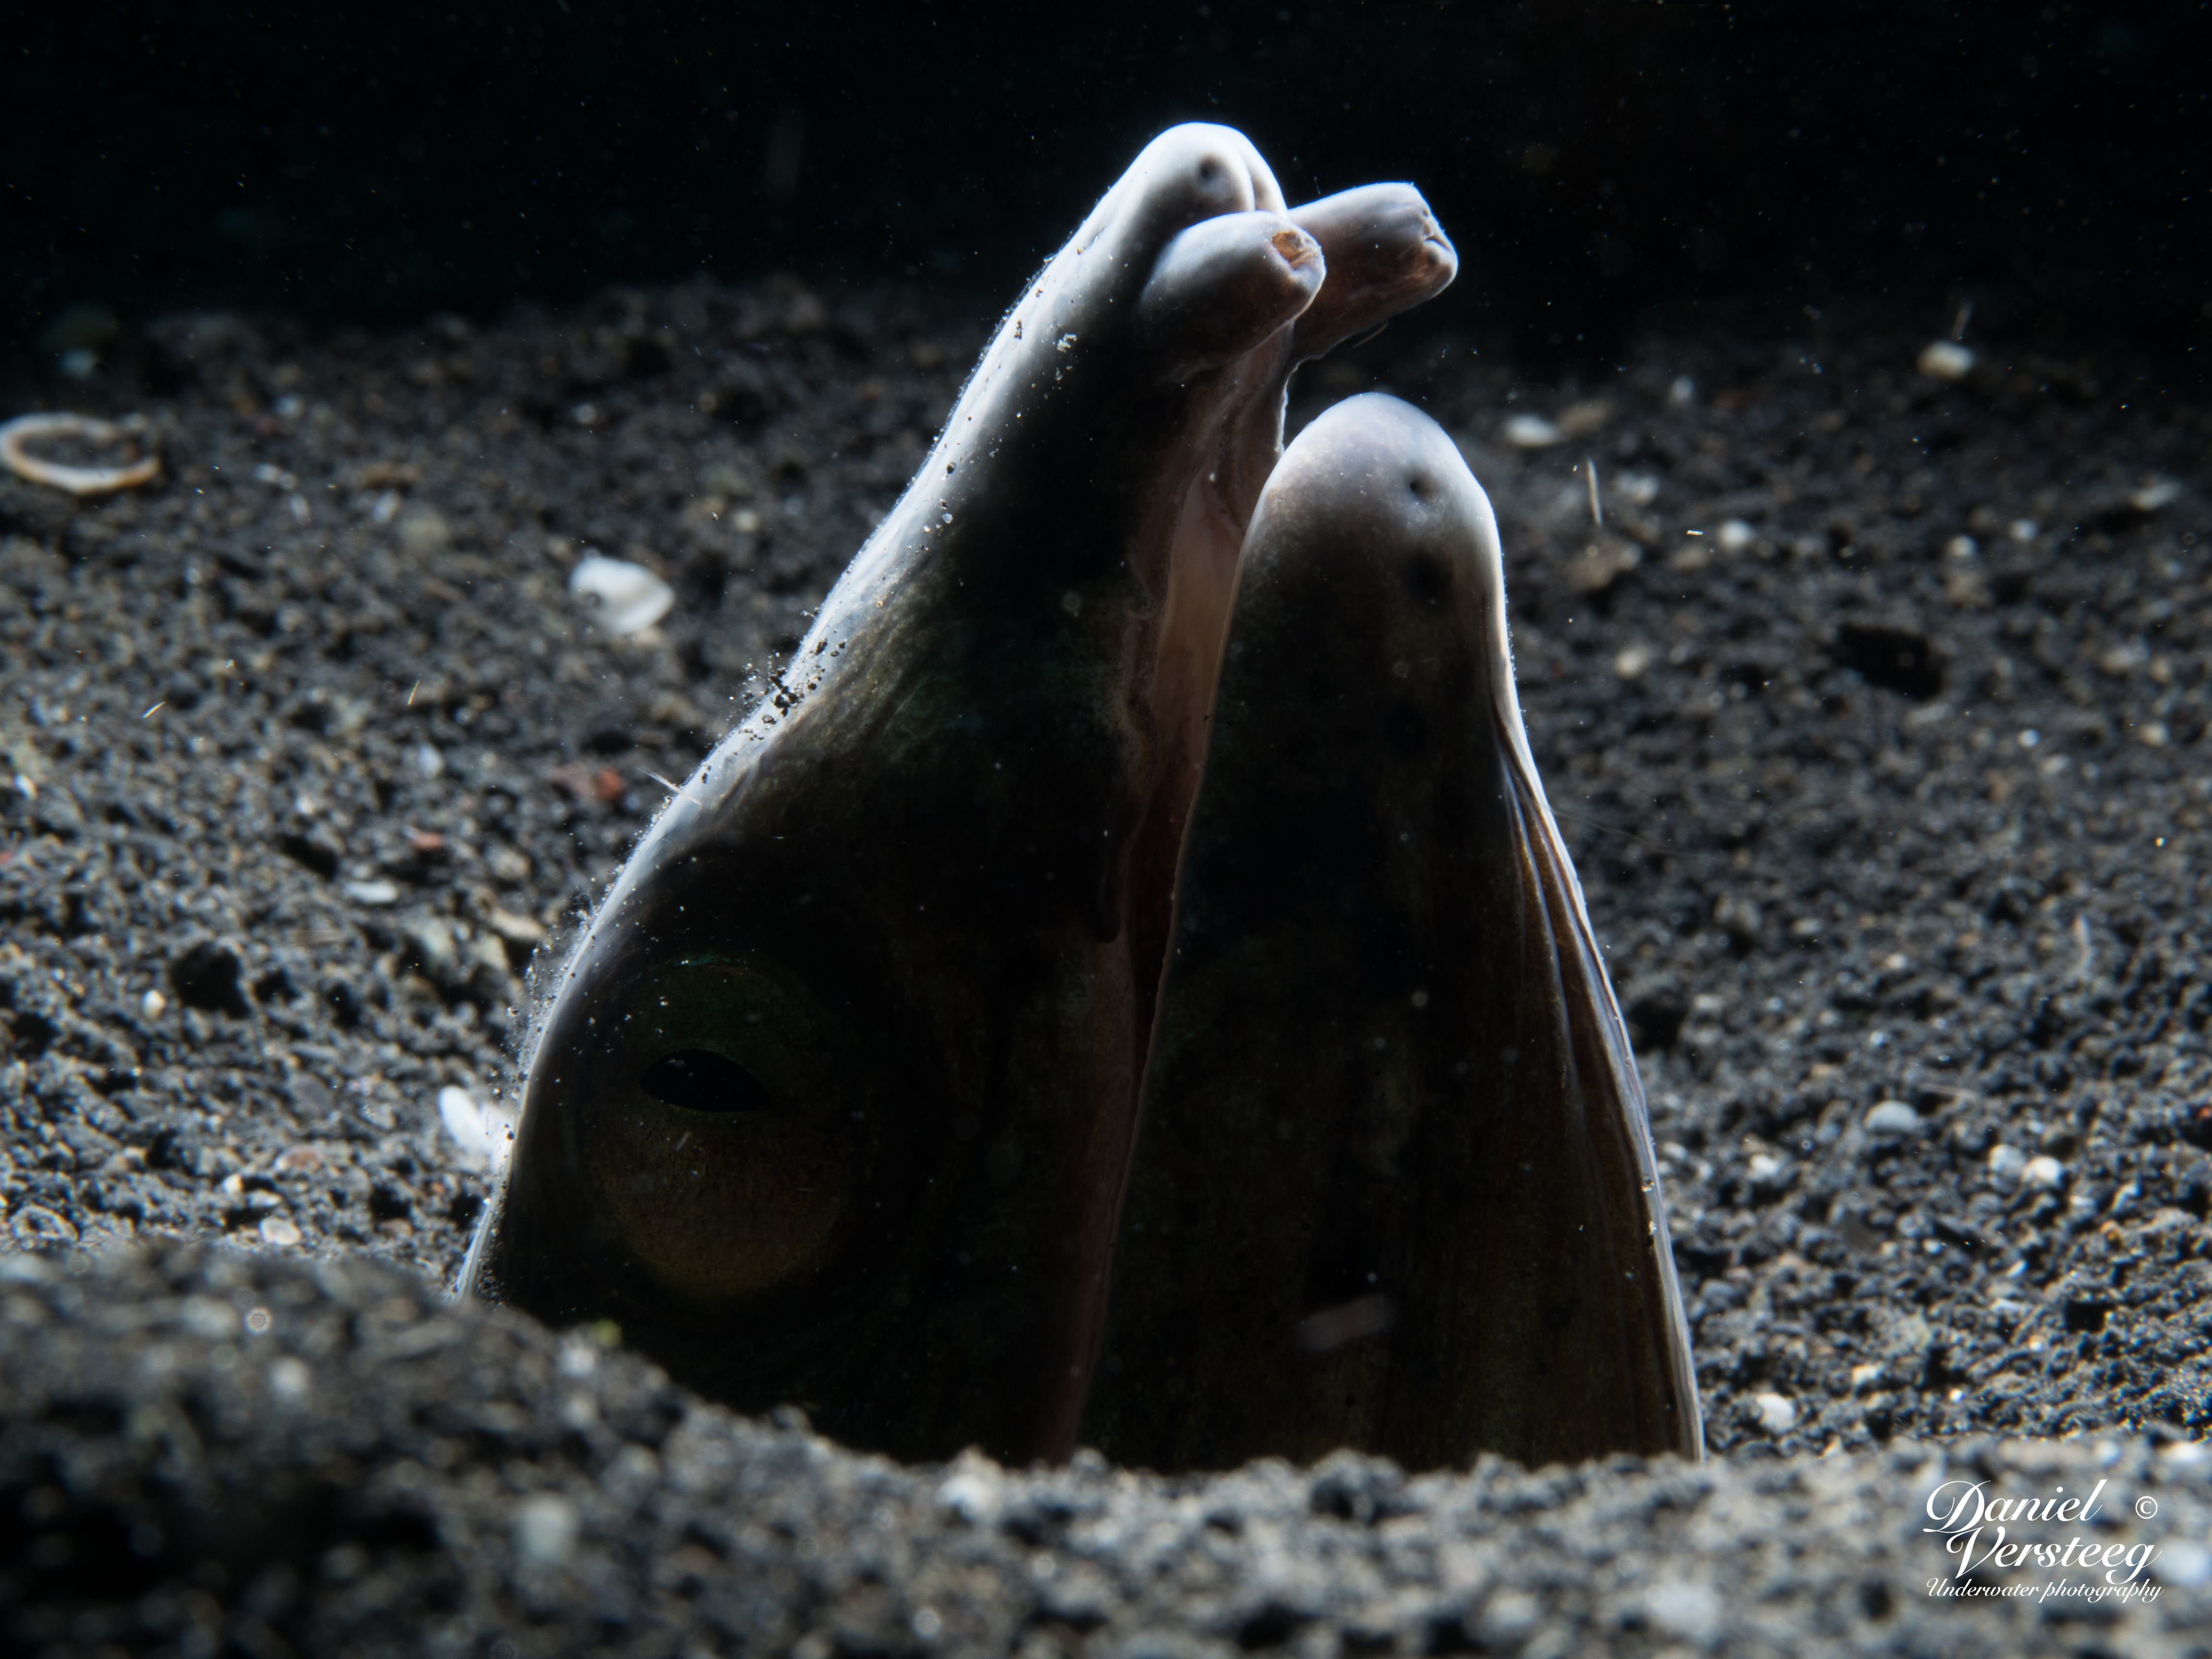 Daniel_Versteeg_foto-3-snake-eel-snoot-van-boven